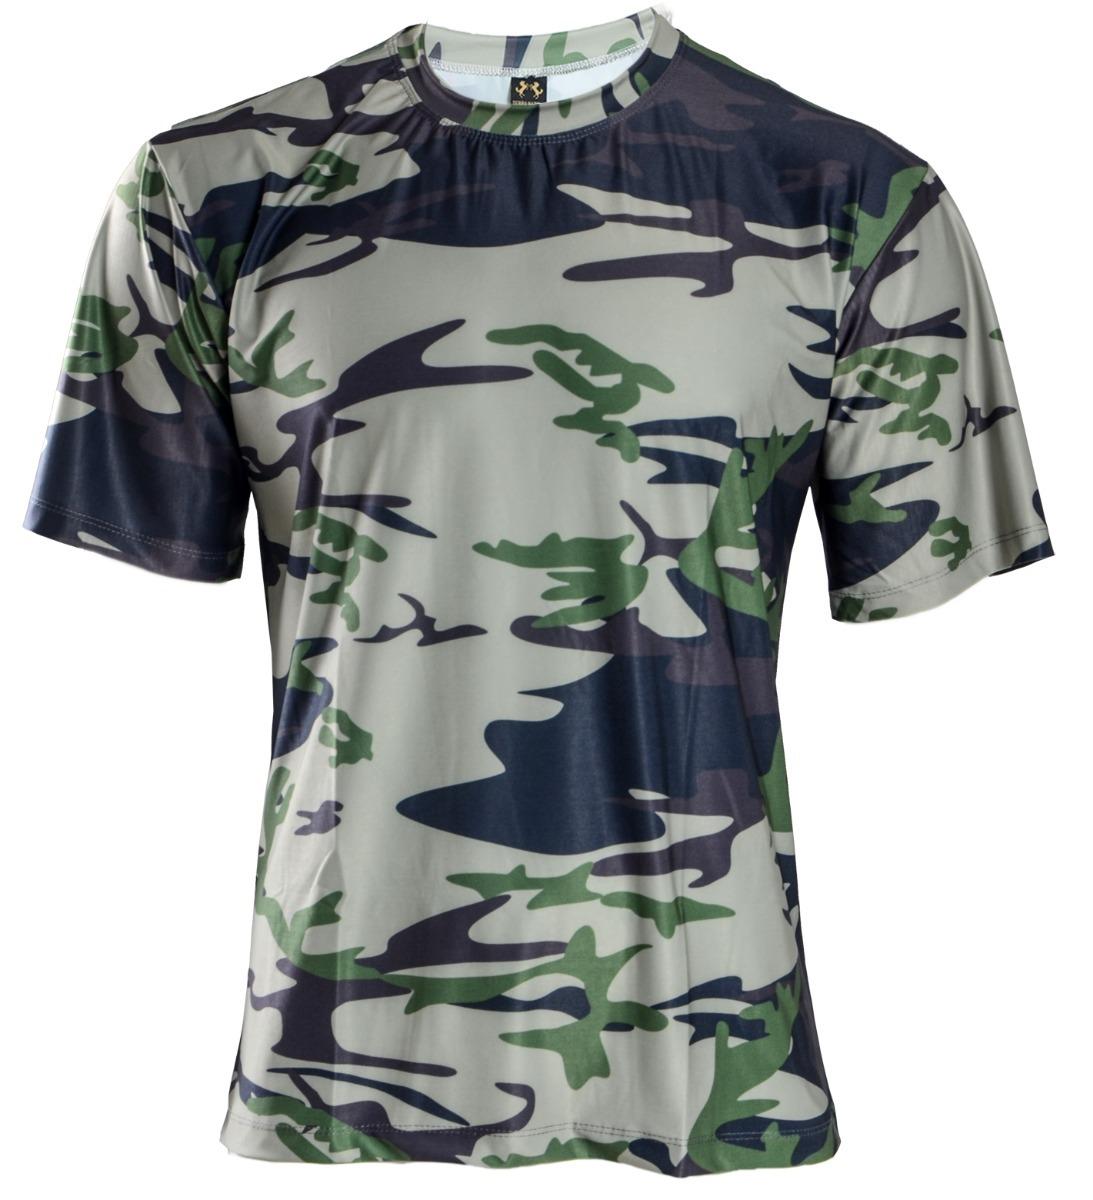 Camisa Camuflada Manga Curta Proteção Uv 50+ - R  64 dcae048d7a7b9